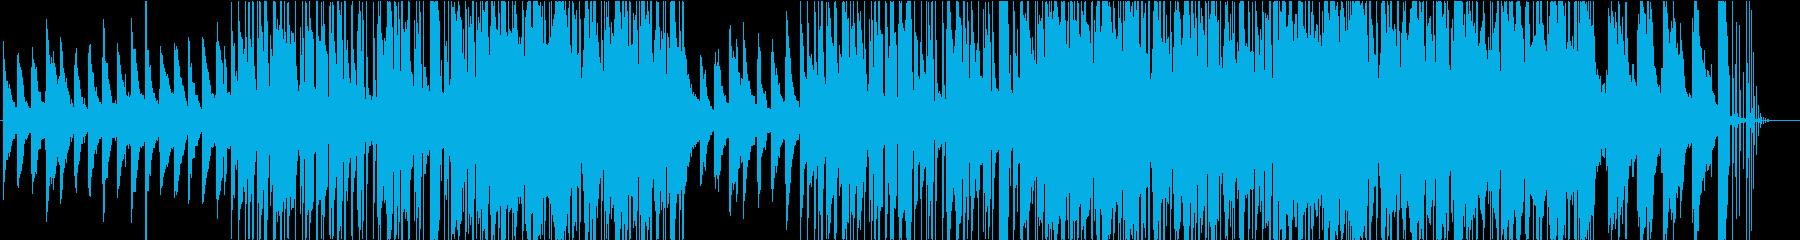 おしゃれピアノジャズを奏でるヒップホップの再生済みの波形